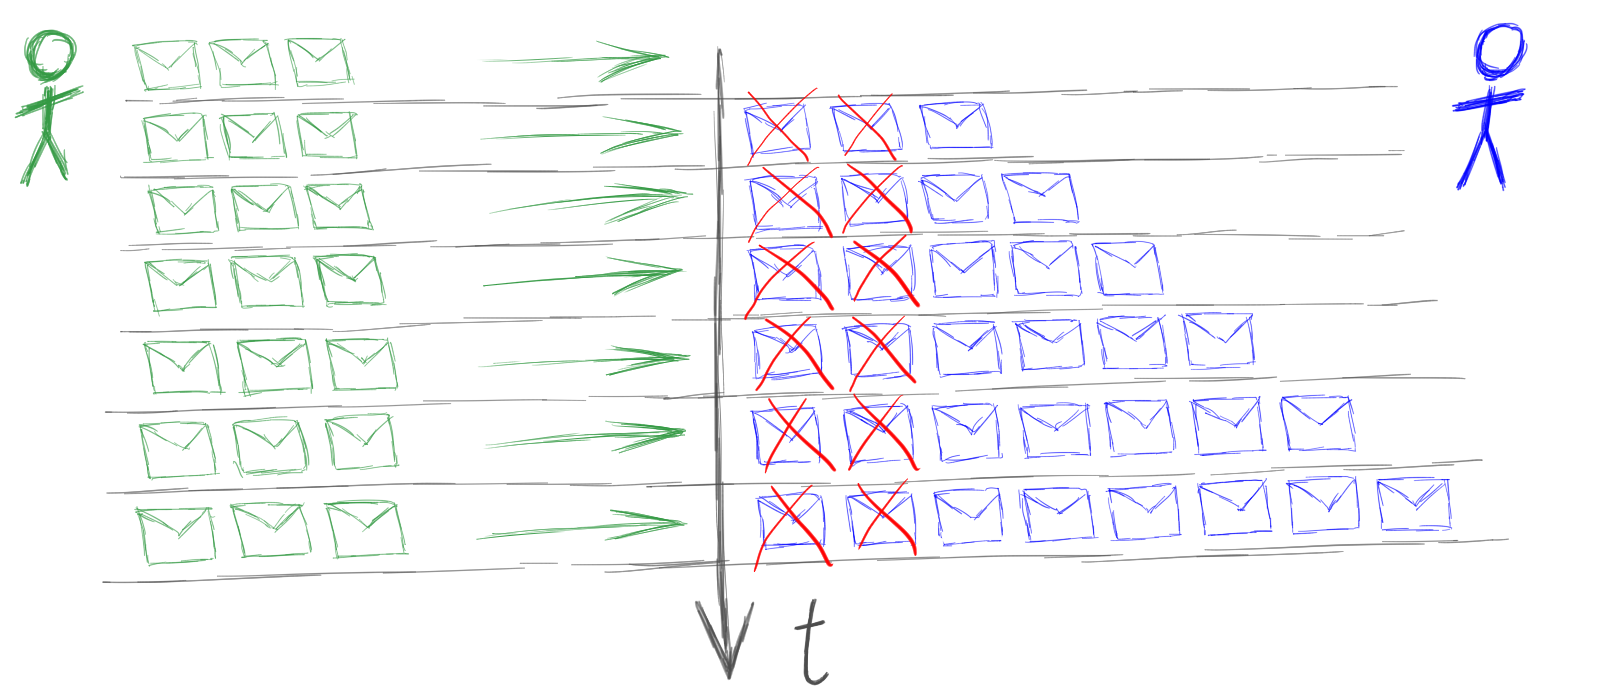 Шишки, набитые за 15 лет использования акторов в C++. Часть I - 1